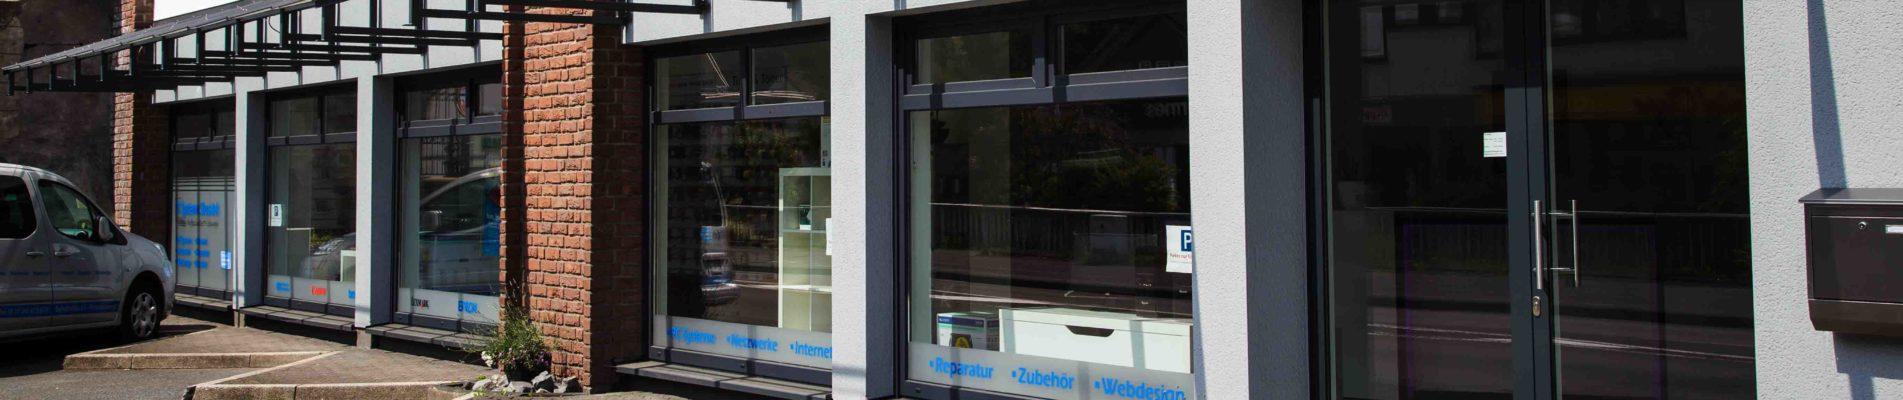 Außen am Gebäude von Slusalek Computer Service für Siegen, Freudenberg, Betzdorf, Hilchenbach, Kreuztal und Region.